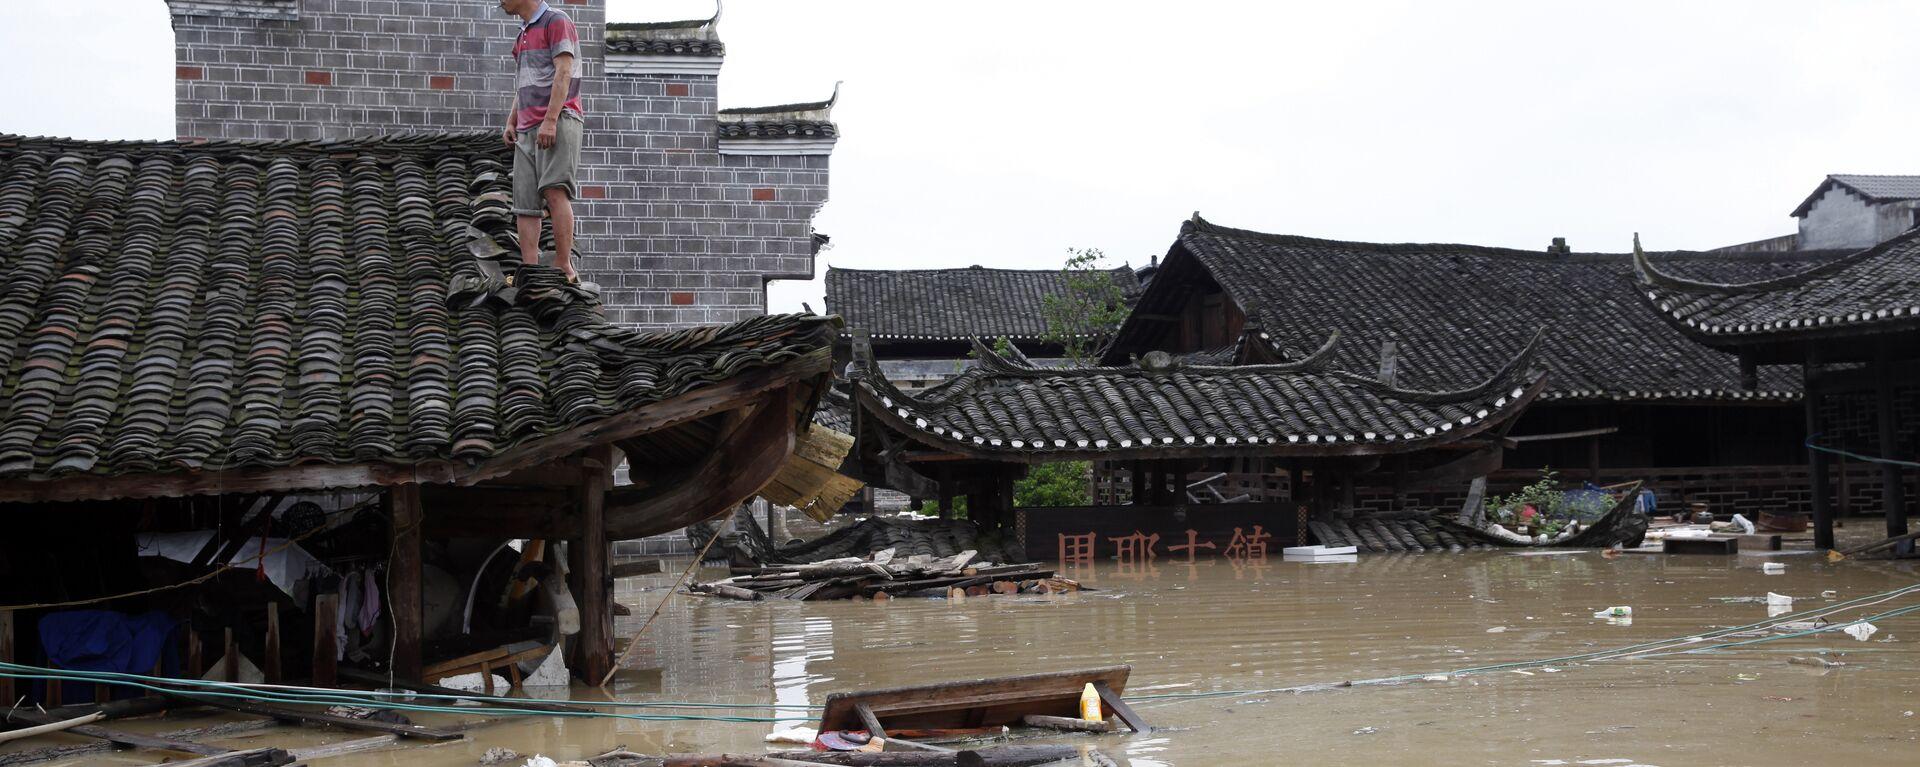 Alluvione in un villaggio in Cina - Sputnik Italia, 1920, 21.07.2021